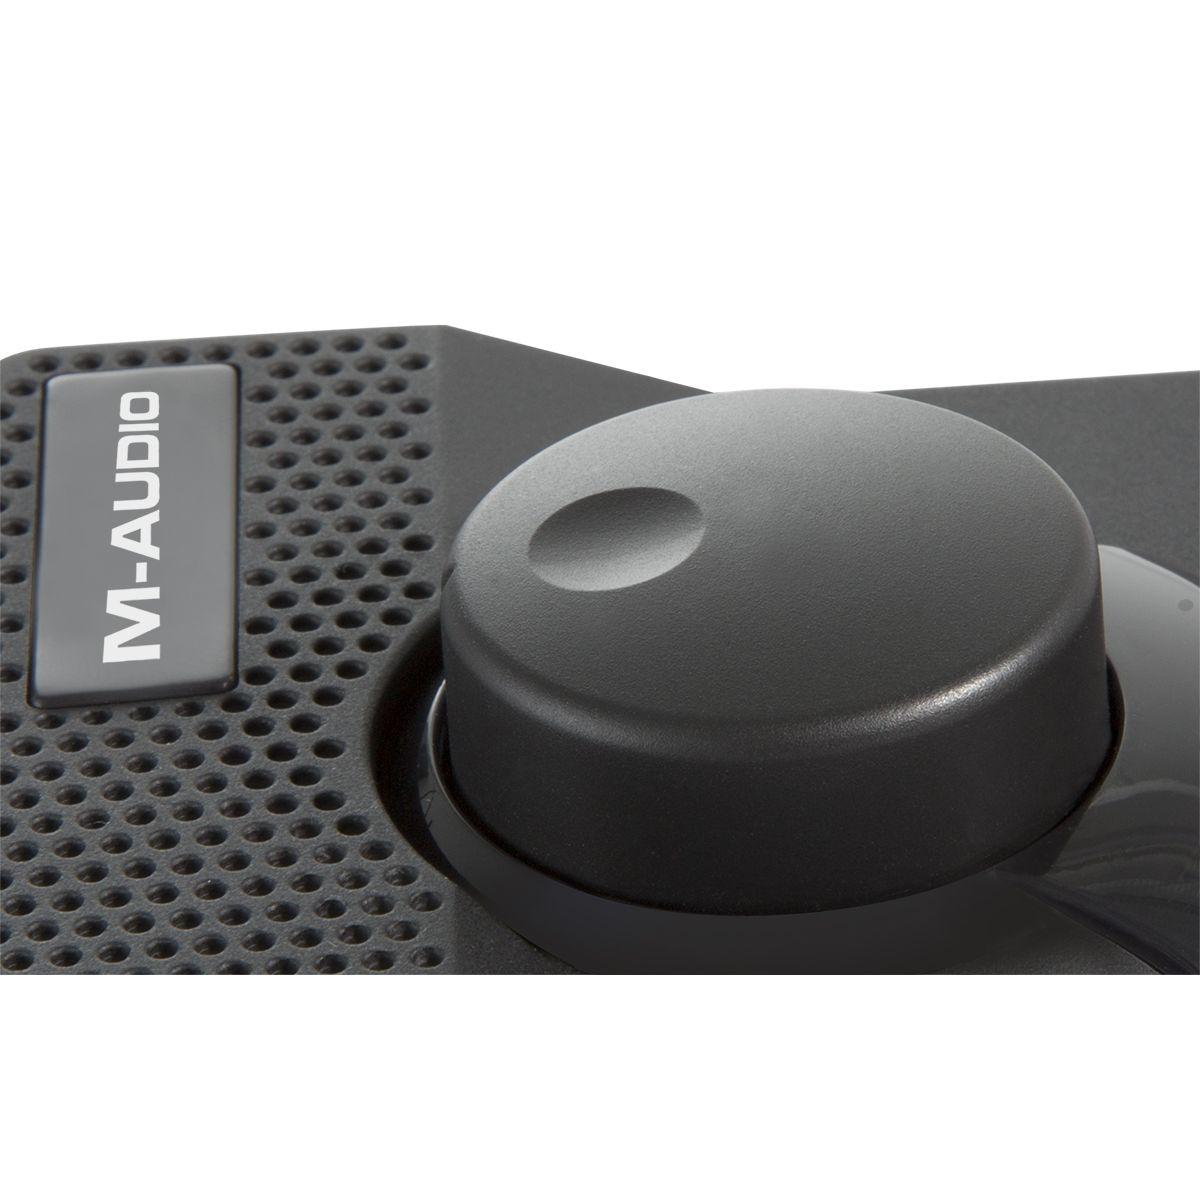 Dac audio m-audio rmd superdacii